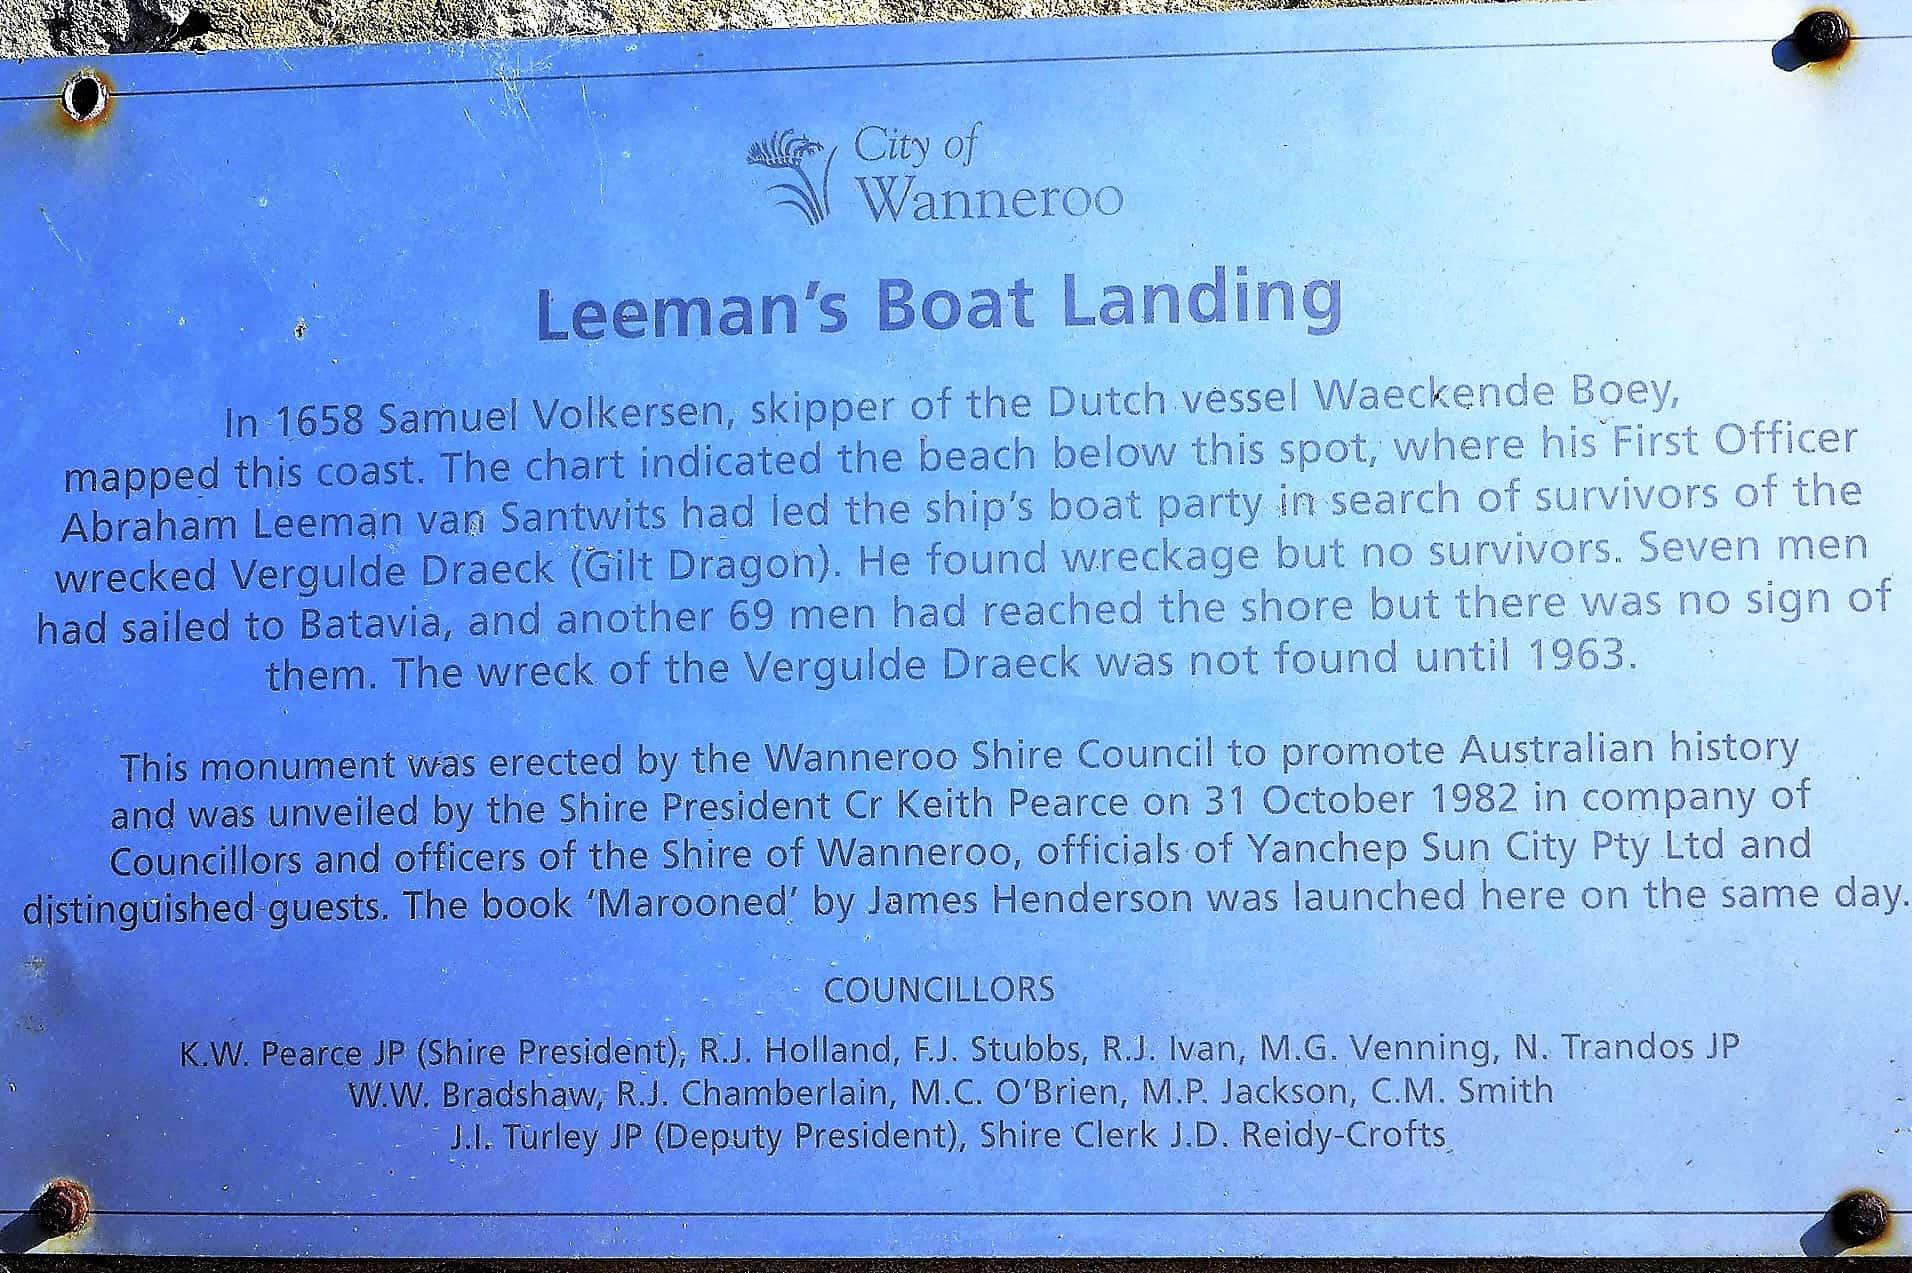 Leeman's boat landing